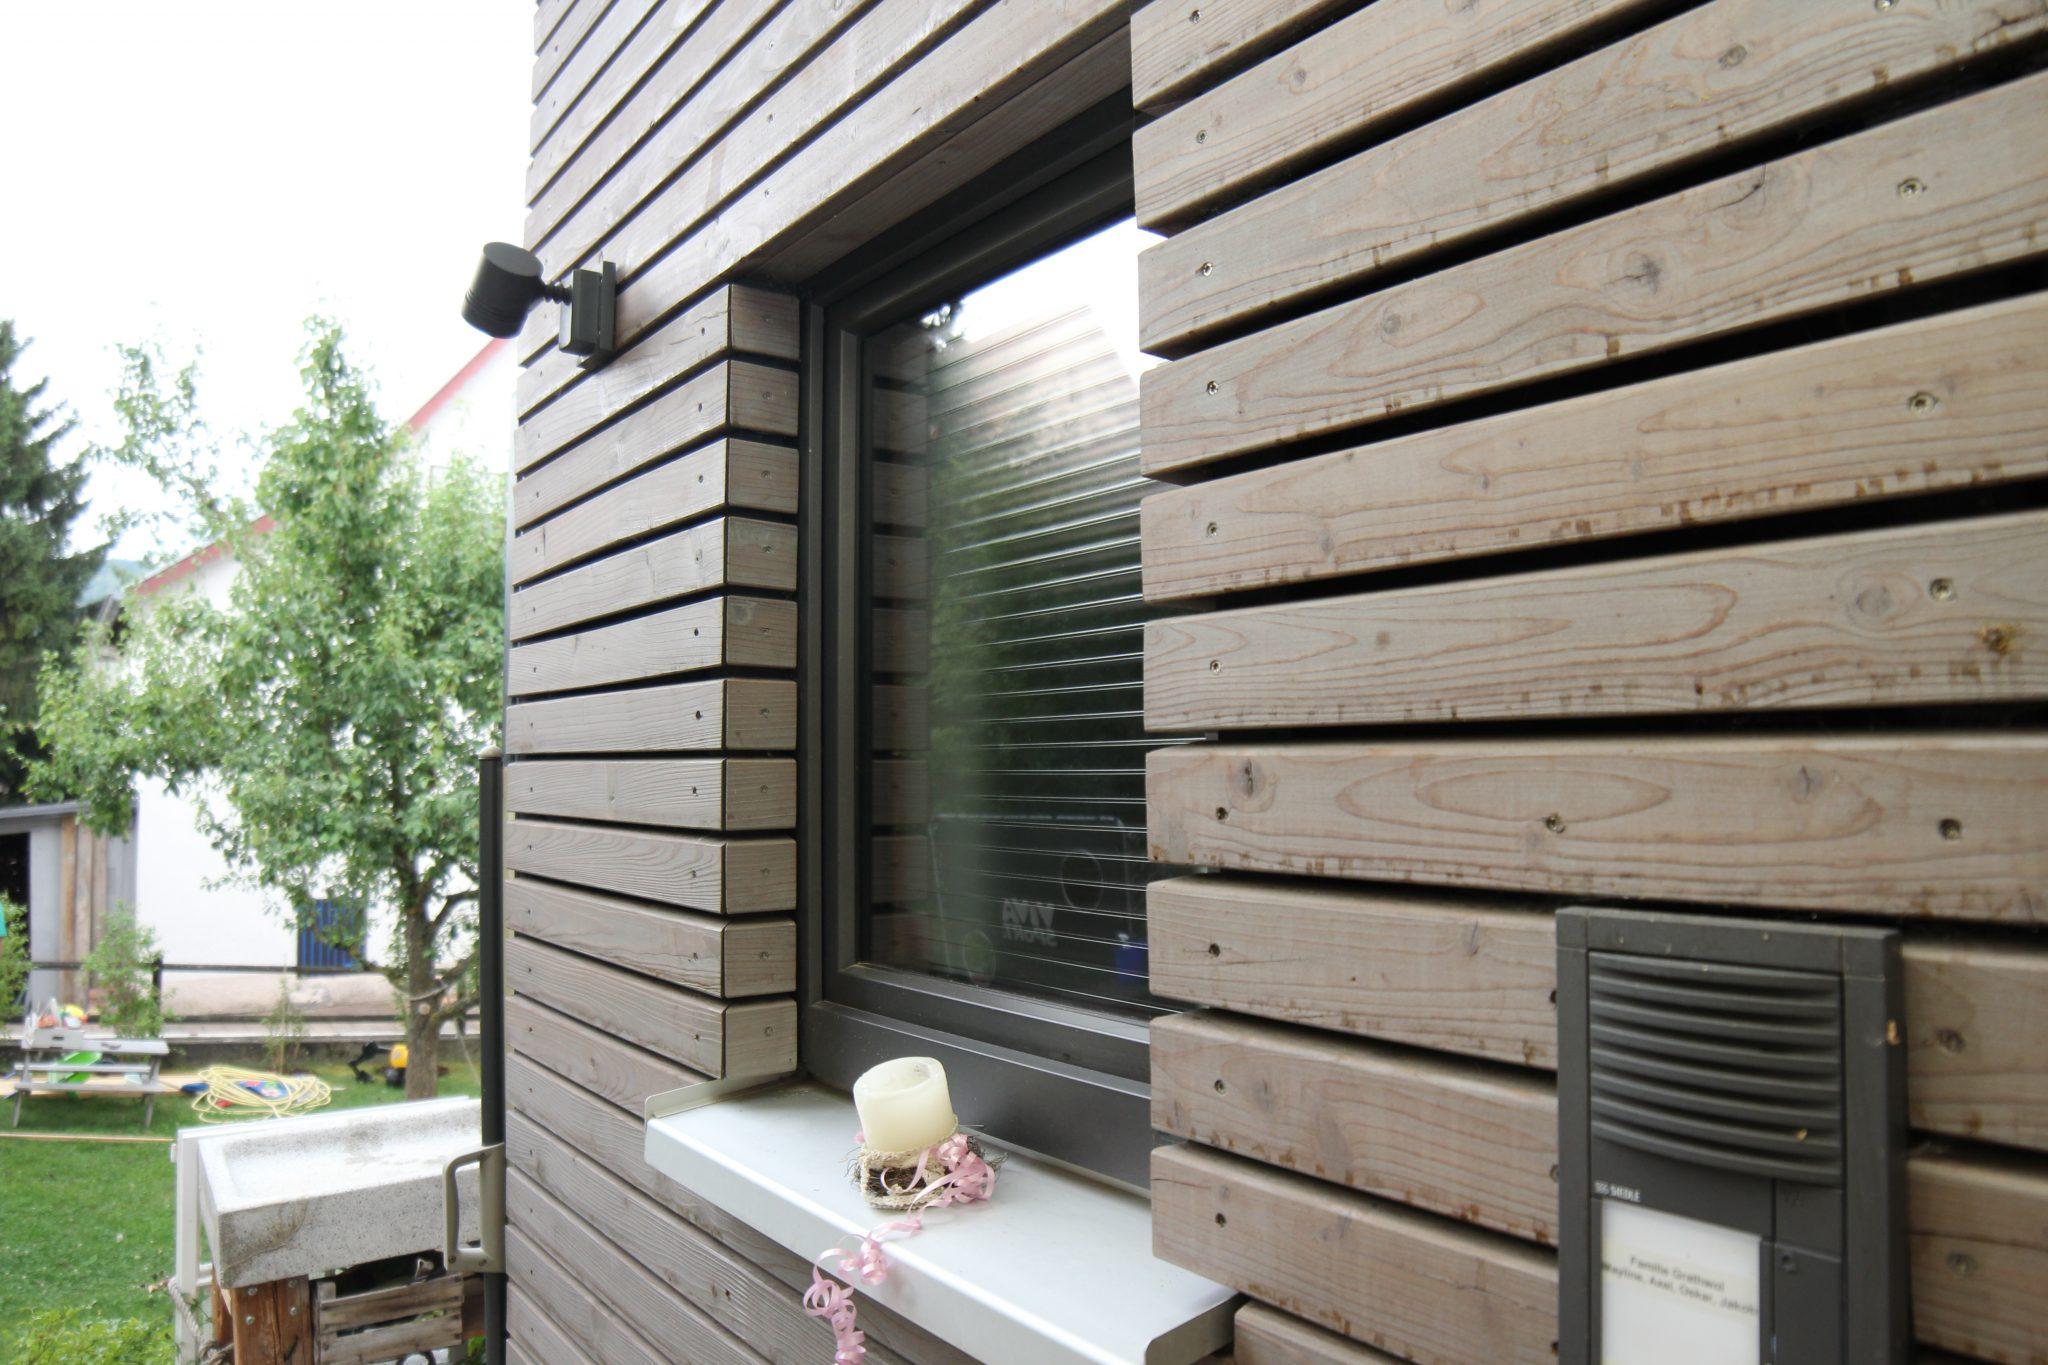 Full Size of Aluminium Fenster Holz Grathwol Schüco Kaufen Sichtschutz Insektenschutz Ohne Bohren 3 Fach Verglasung Sonnenschutz Rc 2 Nach Maß Alu Für Gebrauchte Fenster Aluminium Fenster